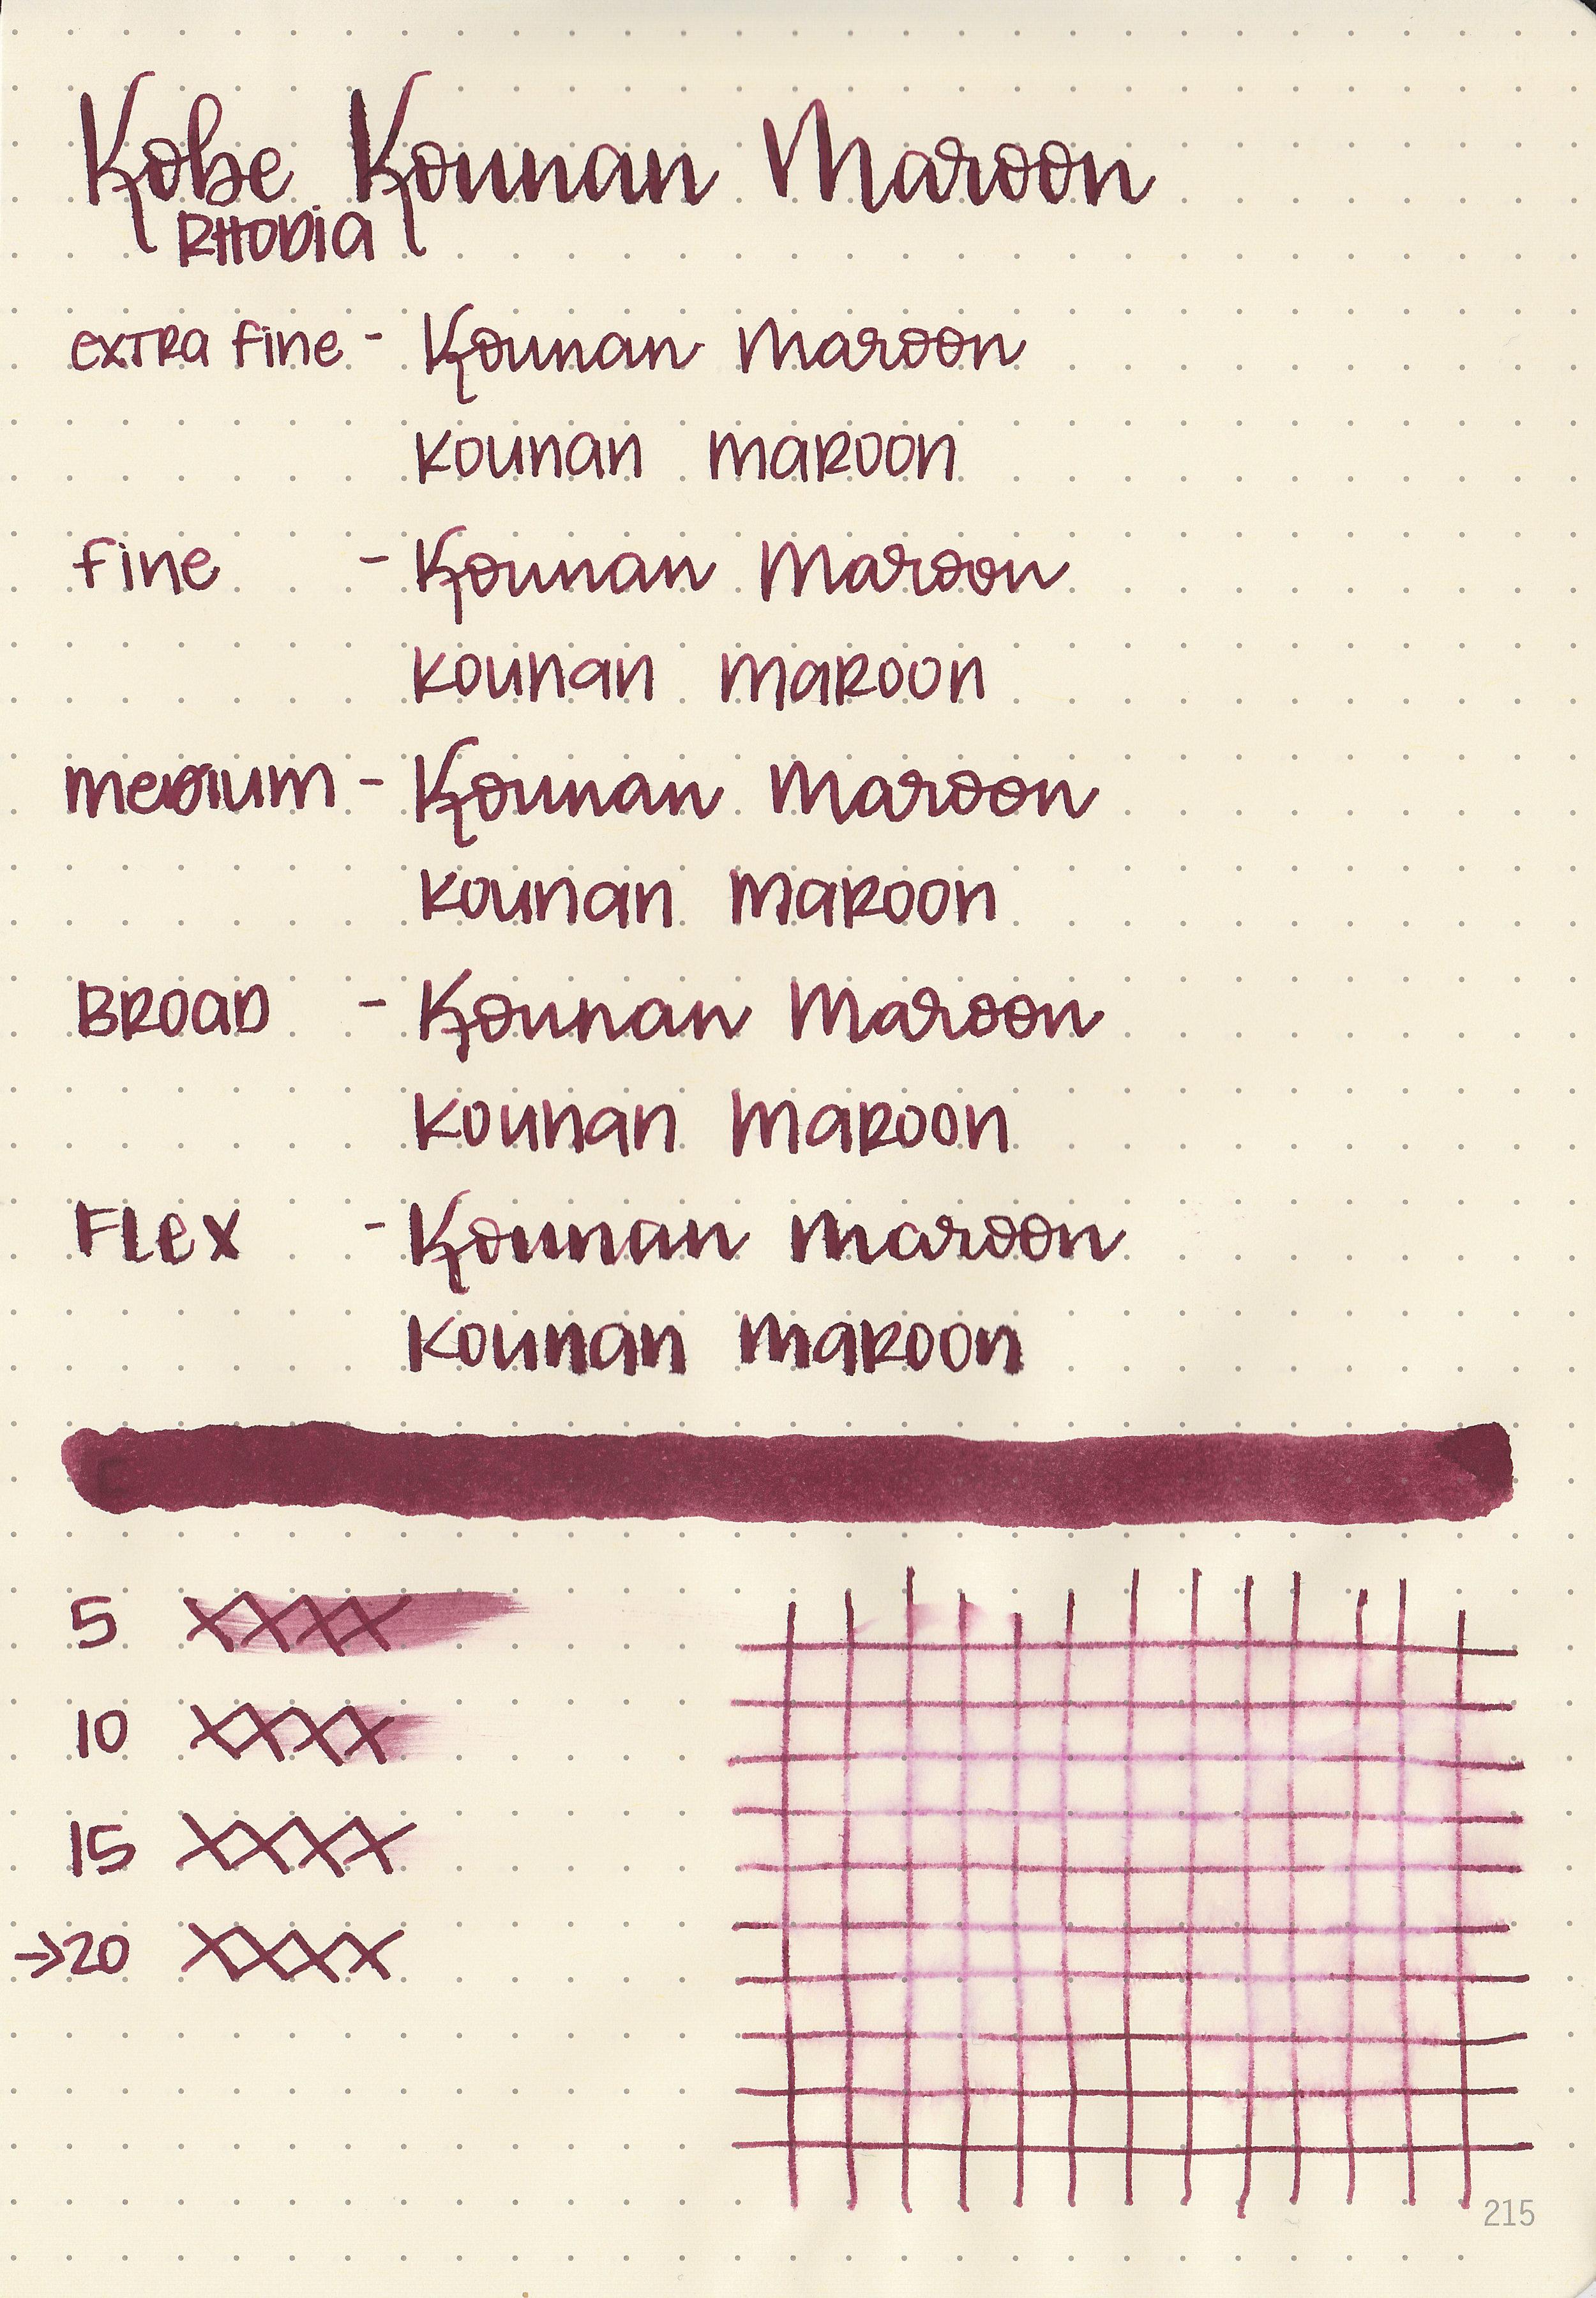 nk-kounan-maroon-5.jpg